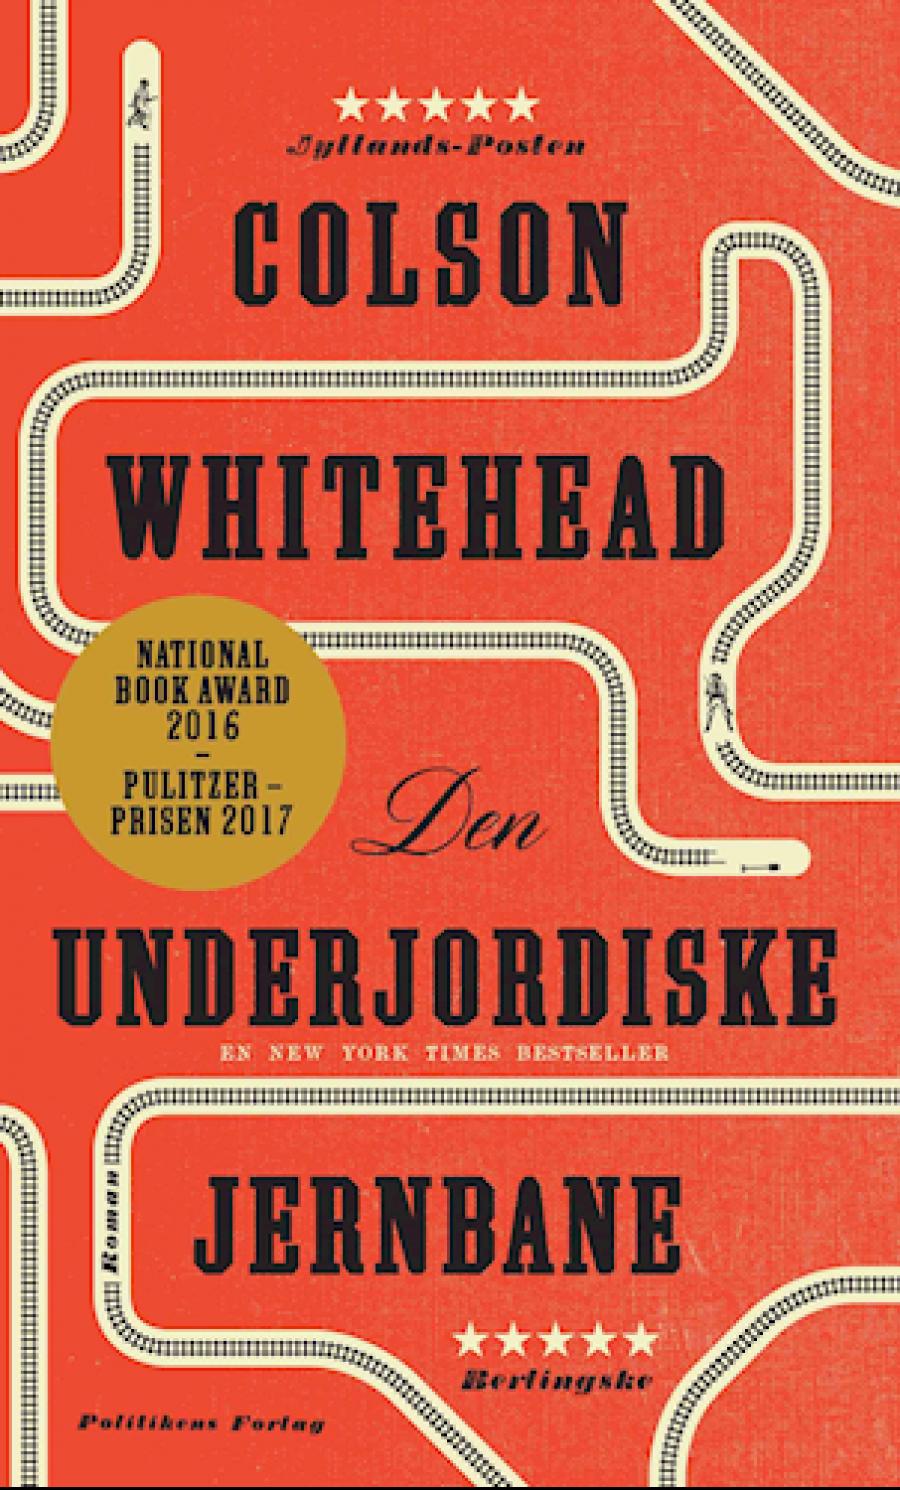 """Forside til bogen """"Den underjordiske jernbane"""" af Colson Whitehead"""